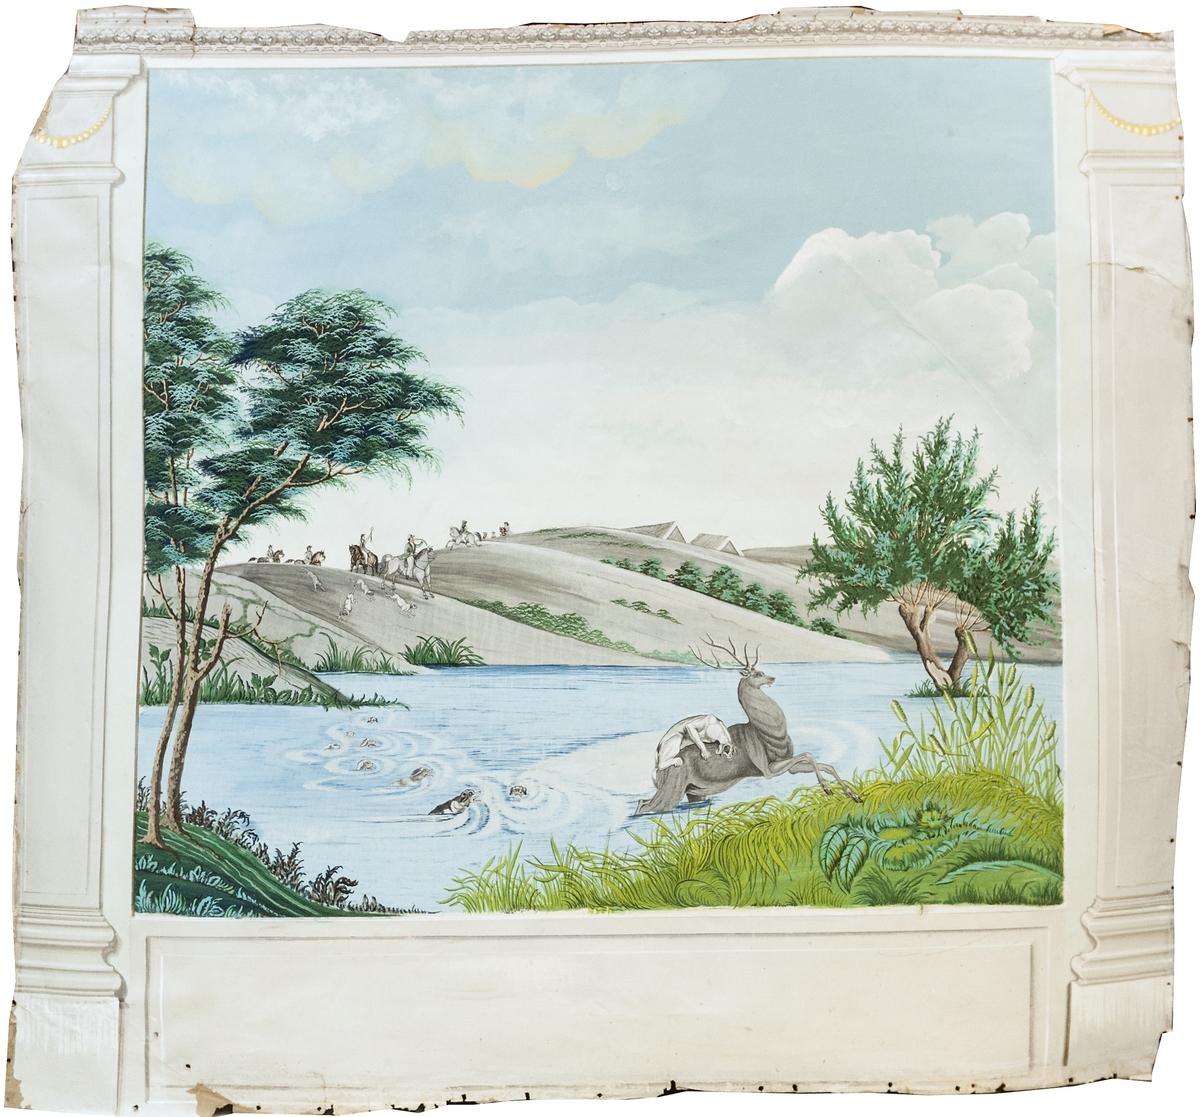 Del av väggmålning. Limfärg på papp. Två pilastrar och målat väggfält. Jaktscen med hundar som förföljer en hjort samt man till häst på berghällar i bakgrunden.